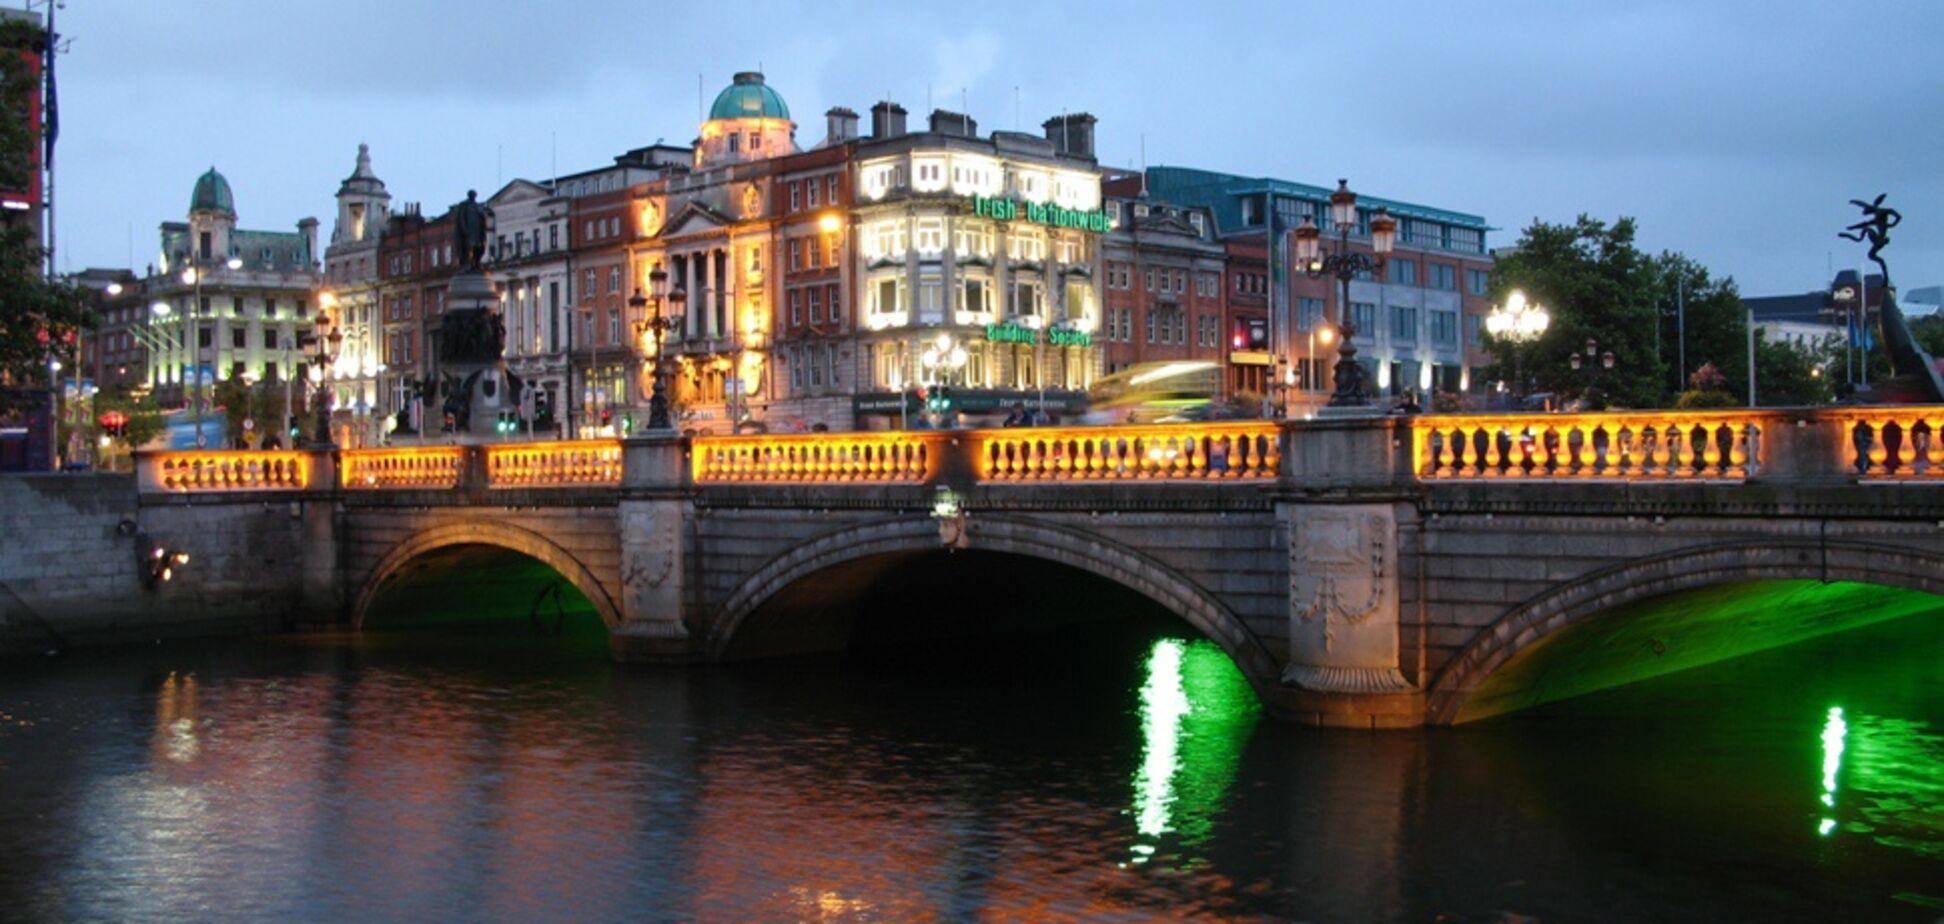 В Ірландії обмежили використання води: названа причина